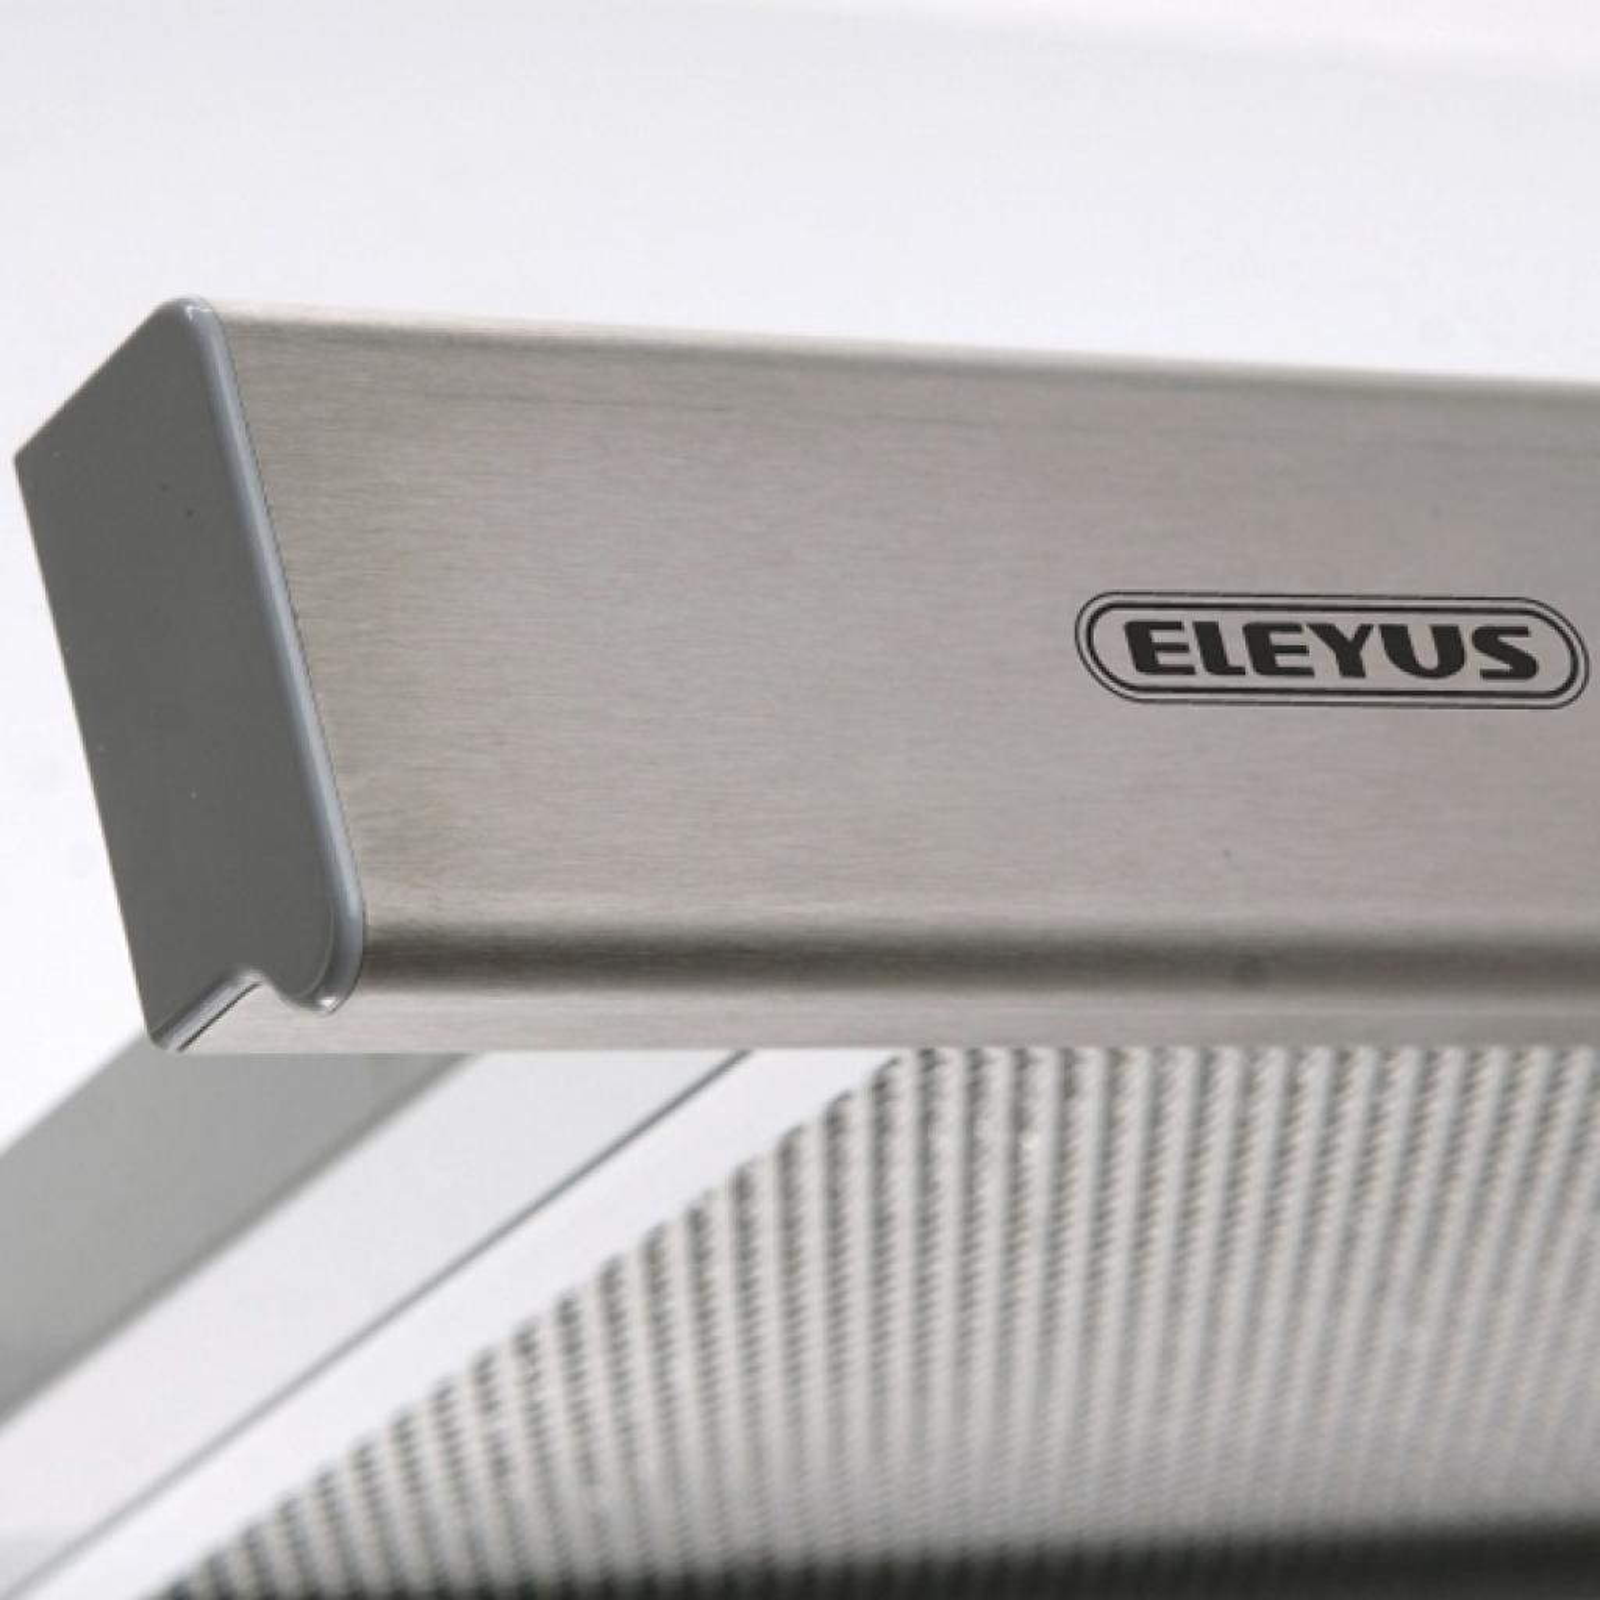 Вытяжка кухонная ELEYUS Storm 960 50 IS изображение 11